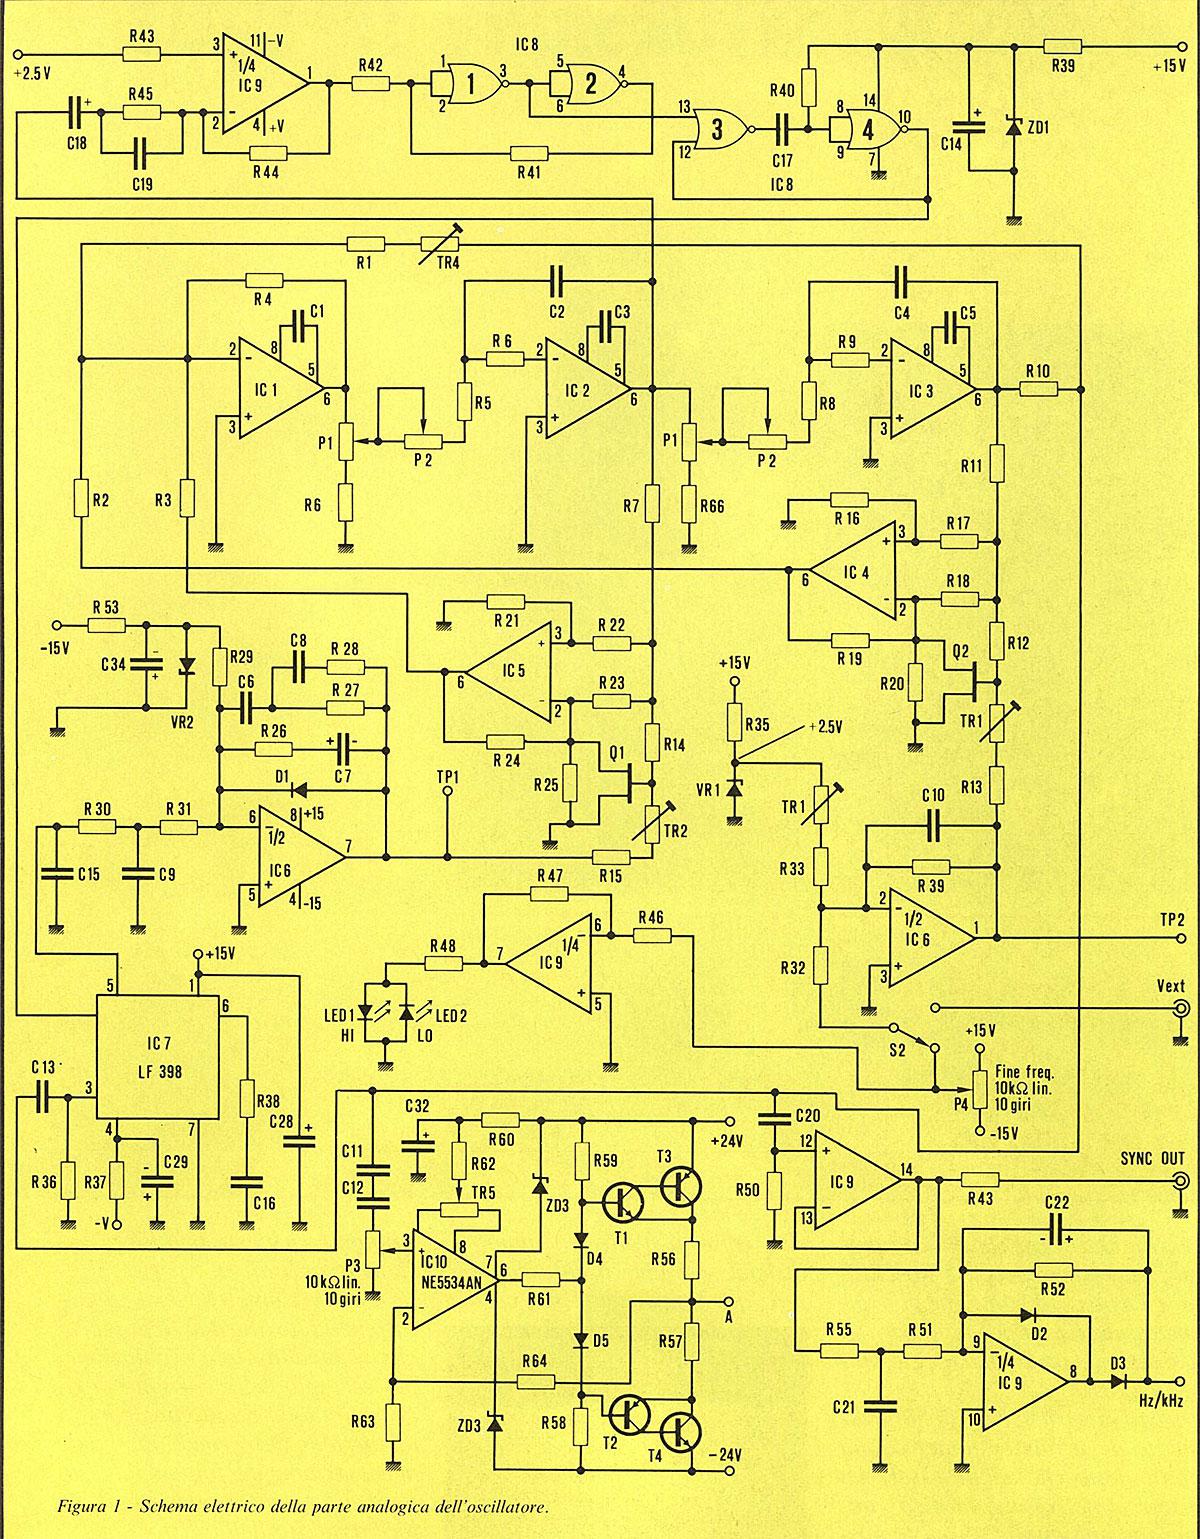 Schemi Elettrici Hi Fi : Oscillatore sinusoidale a bassa distorsione tm 8202 audioreview